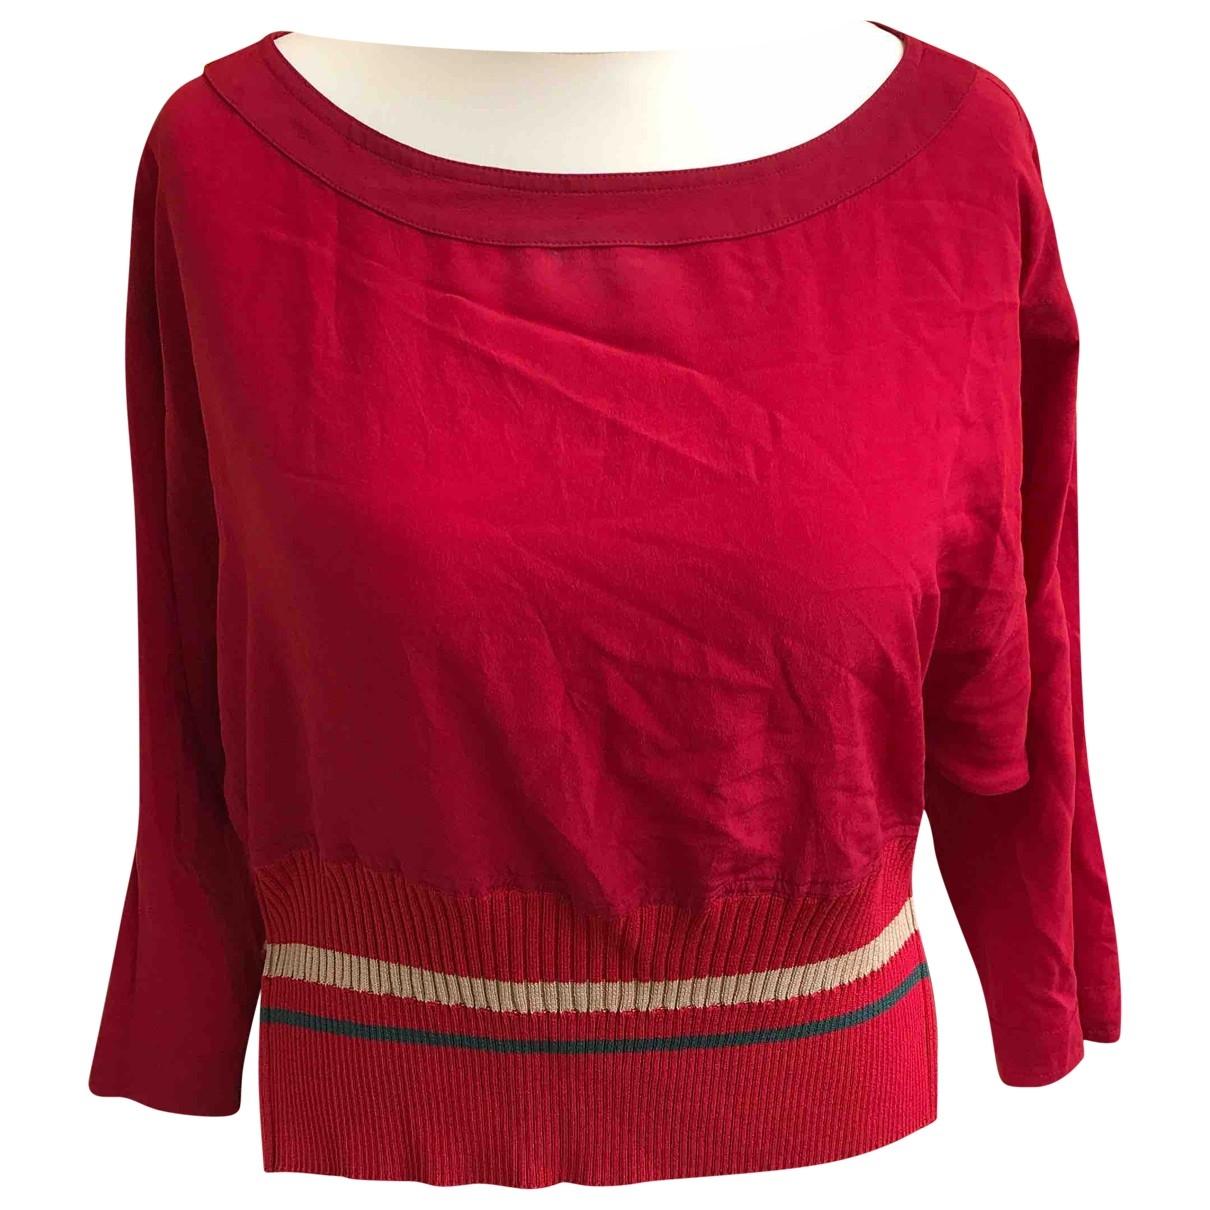 Gianni Versace - Top   pour femme en soie - rouge